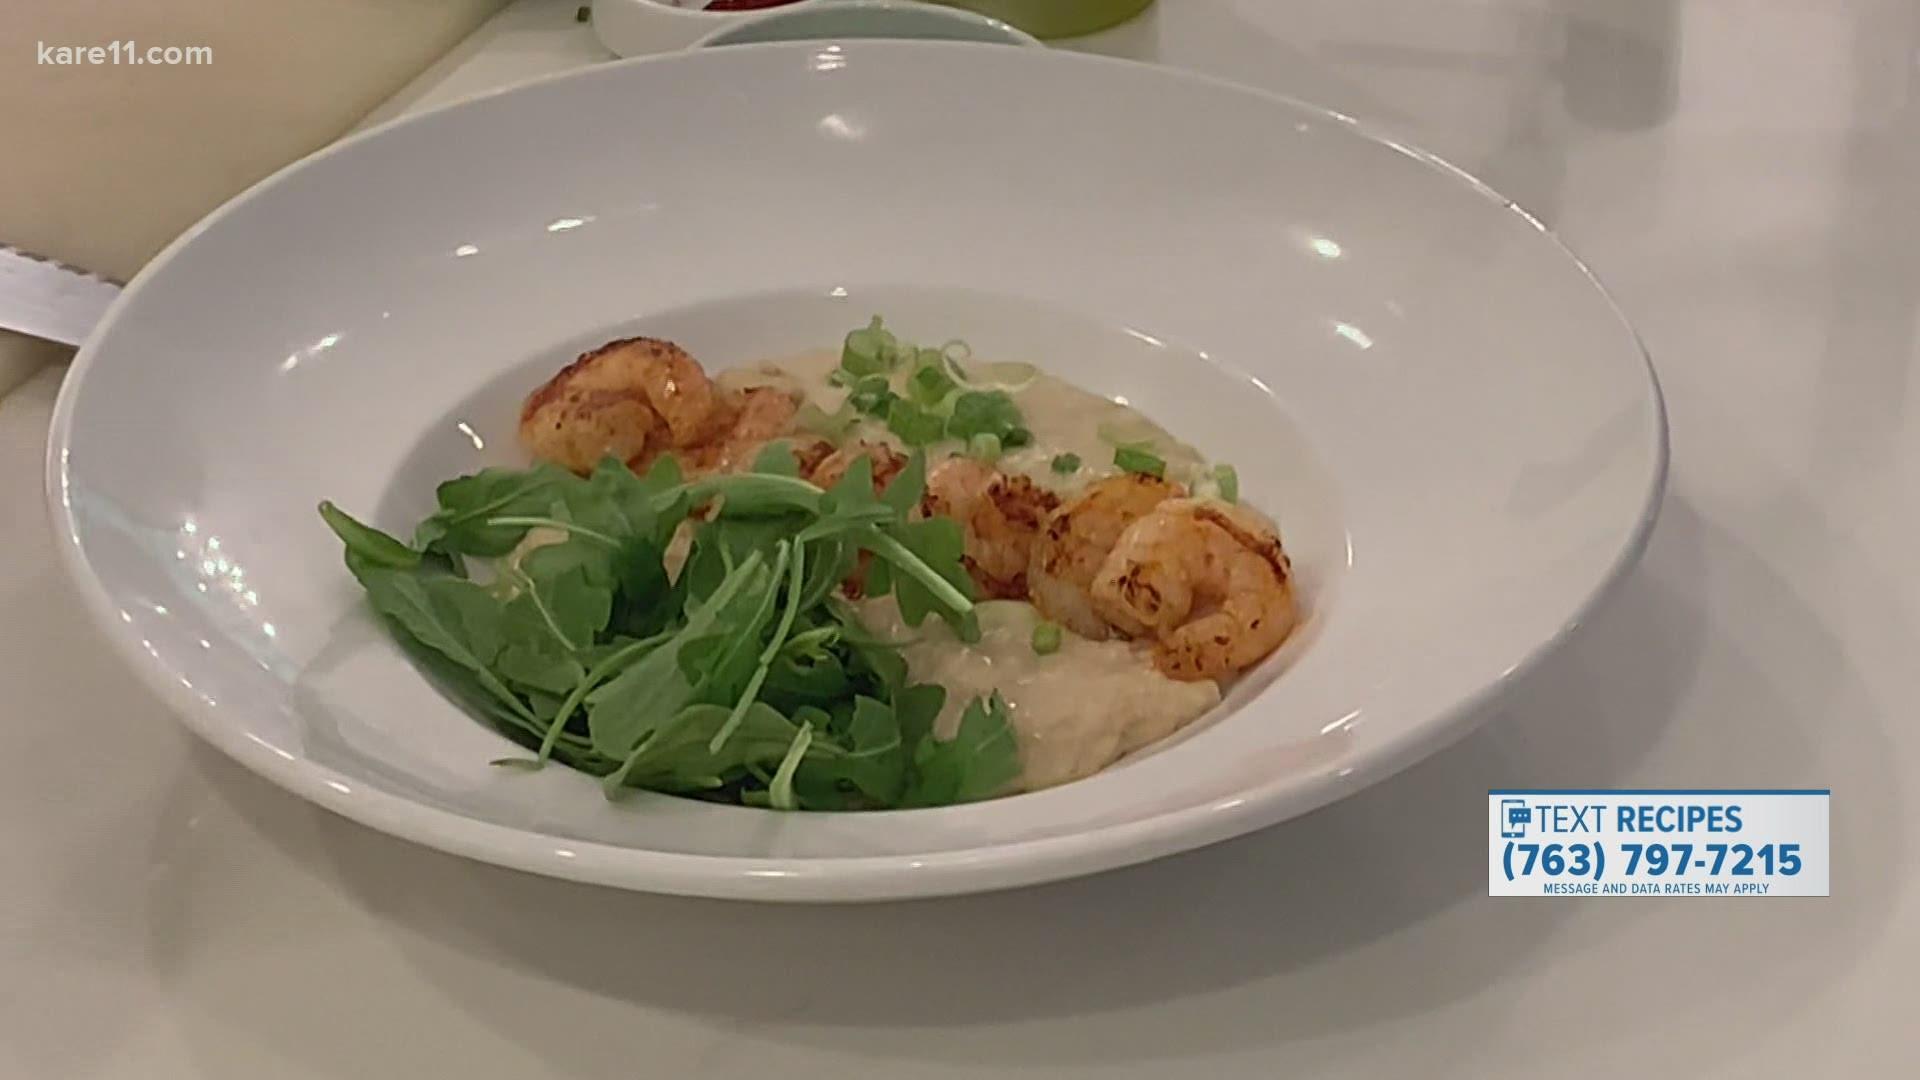 Recipes From Chef Daniel Green Kare11 Com